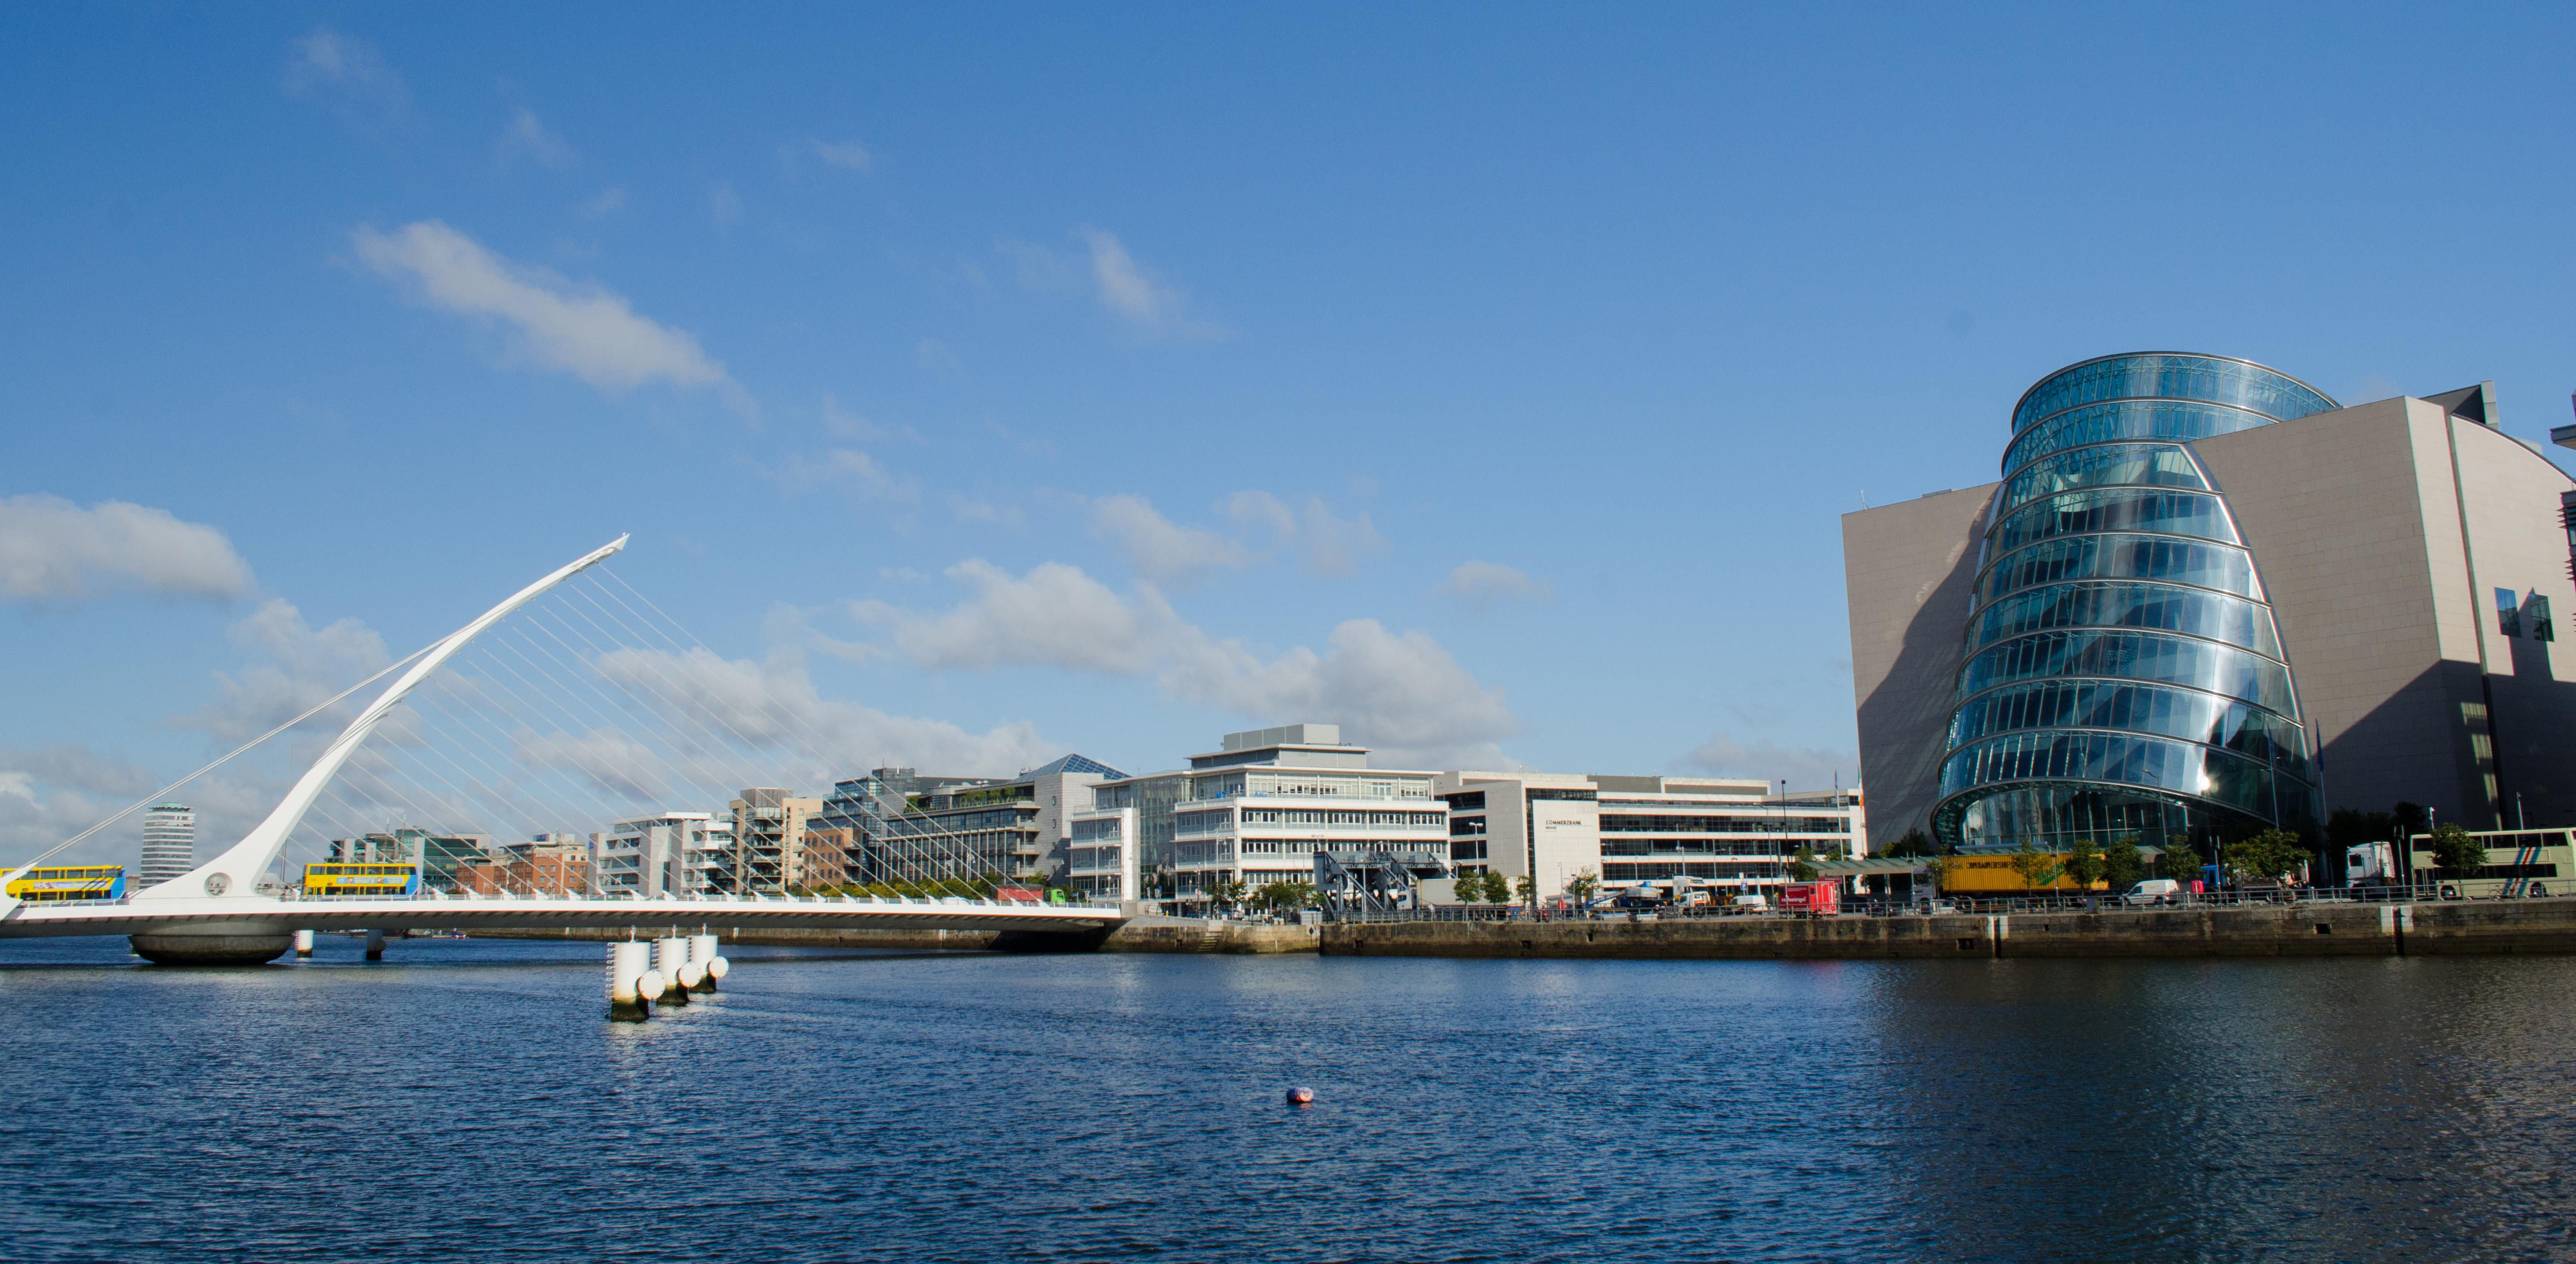 Realiza un paseo fluvial y descubre la ciudad vikinga desde el agua - Irlanda Circuito Irlanda Fantástica y Sur